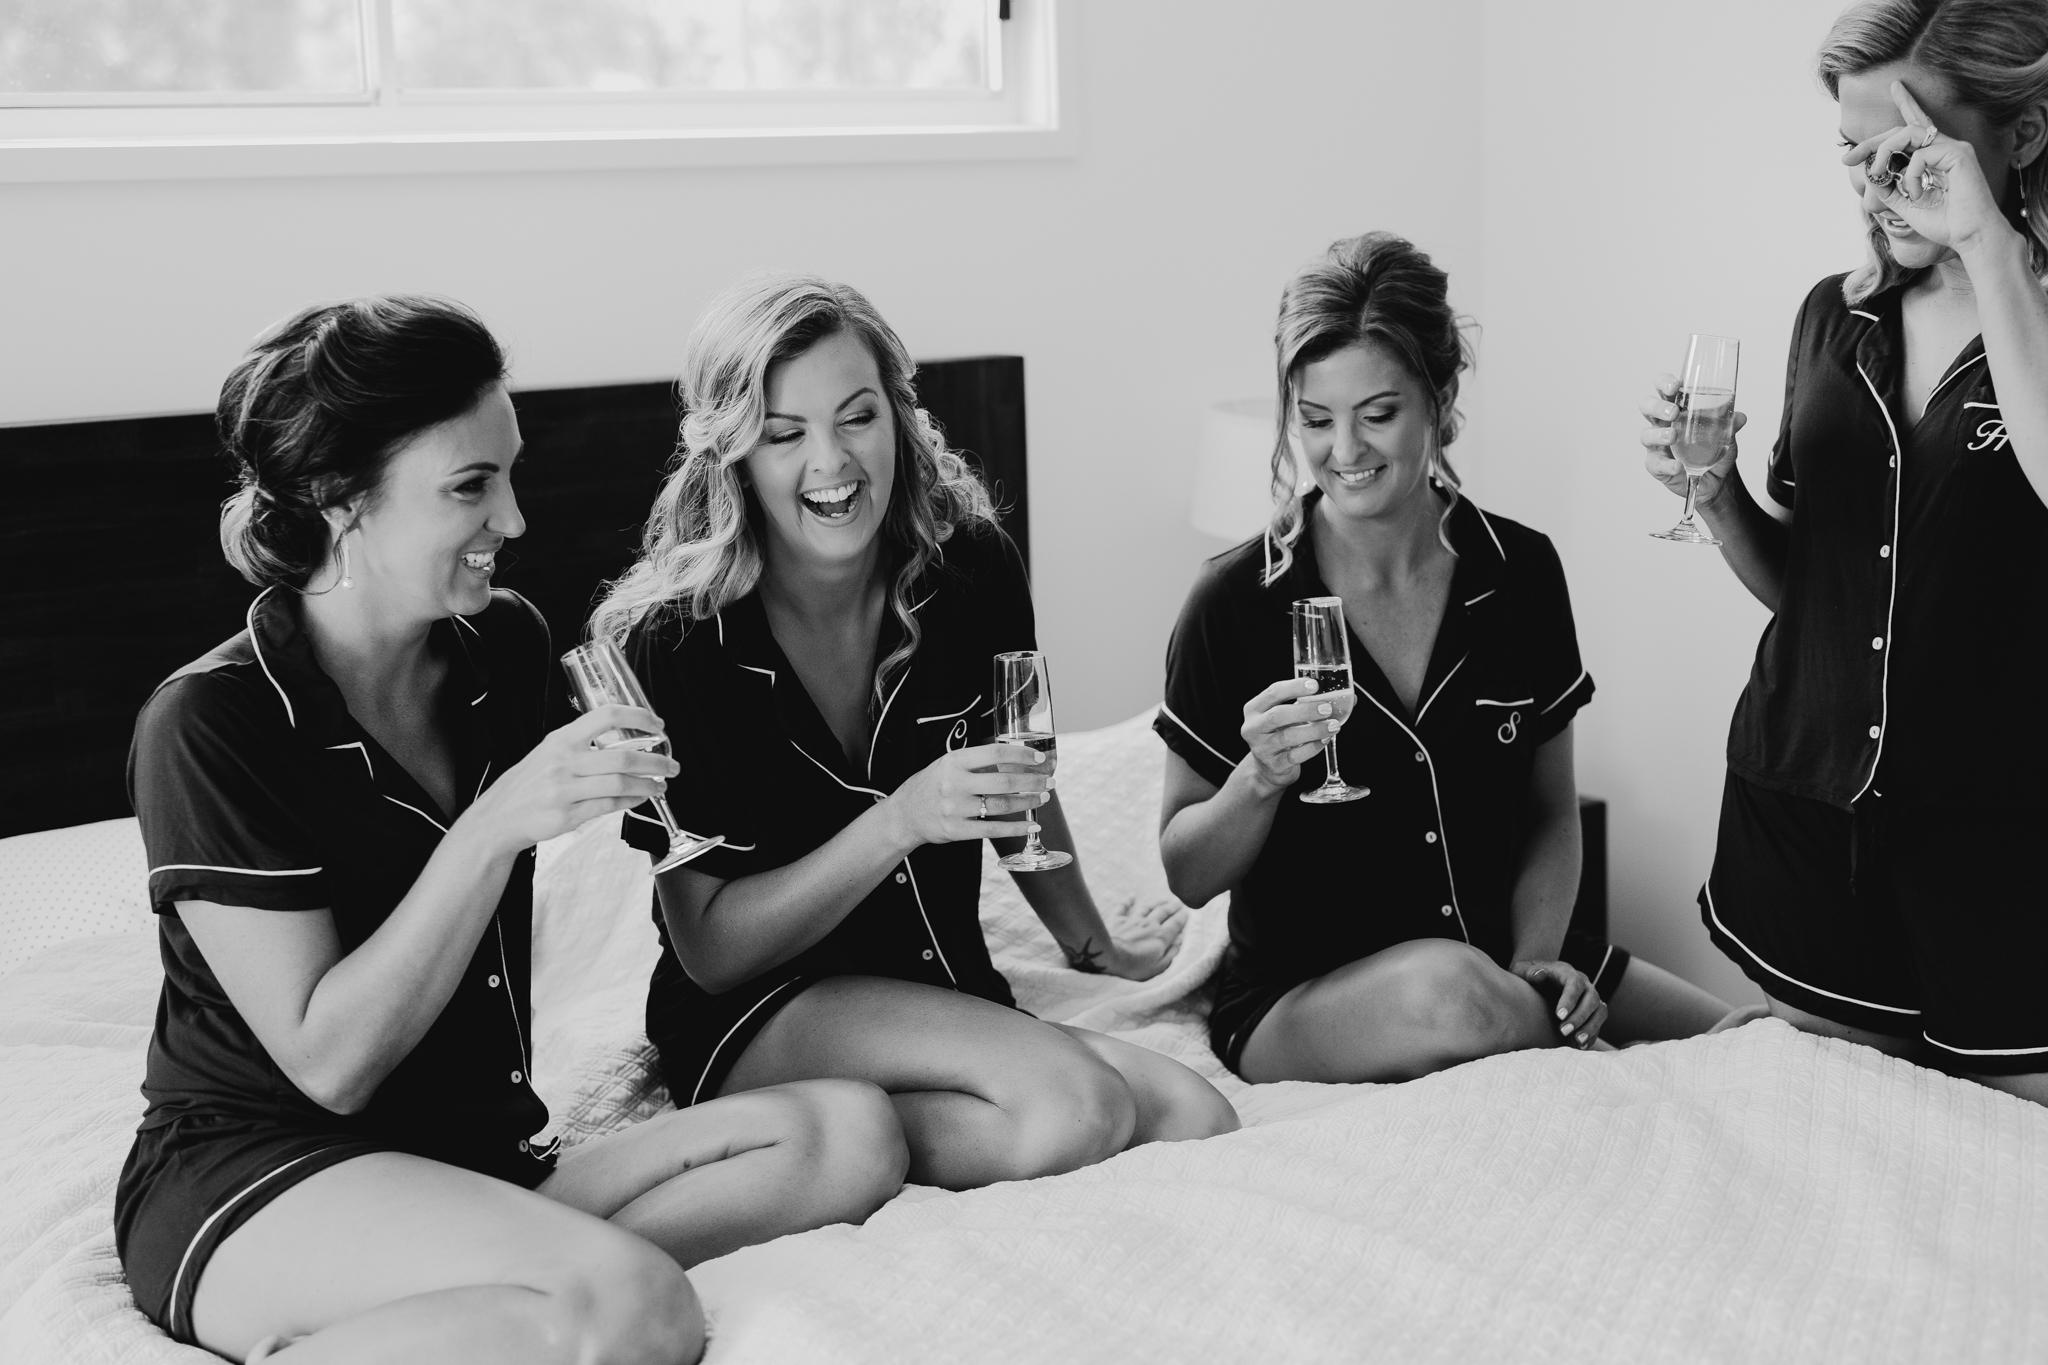 gathering-events-brisbane-mobile-bartender-weddings-events